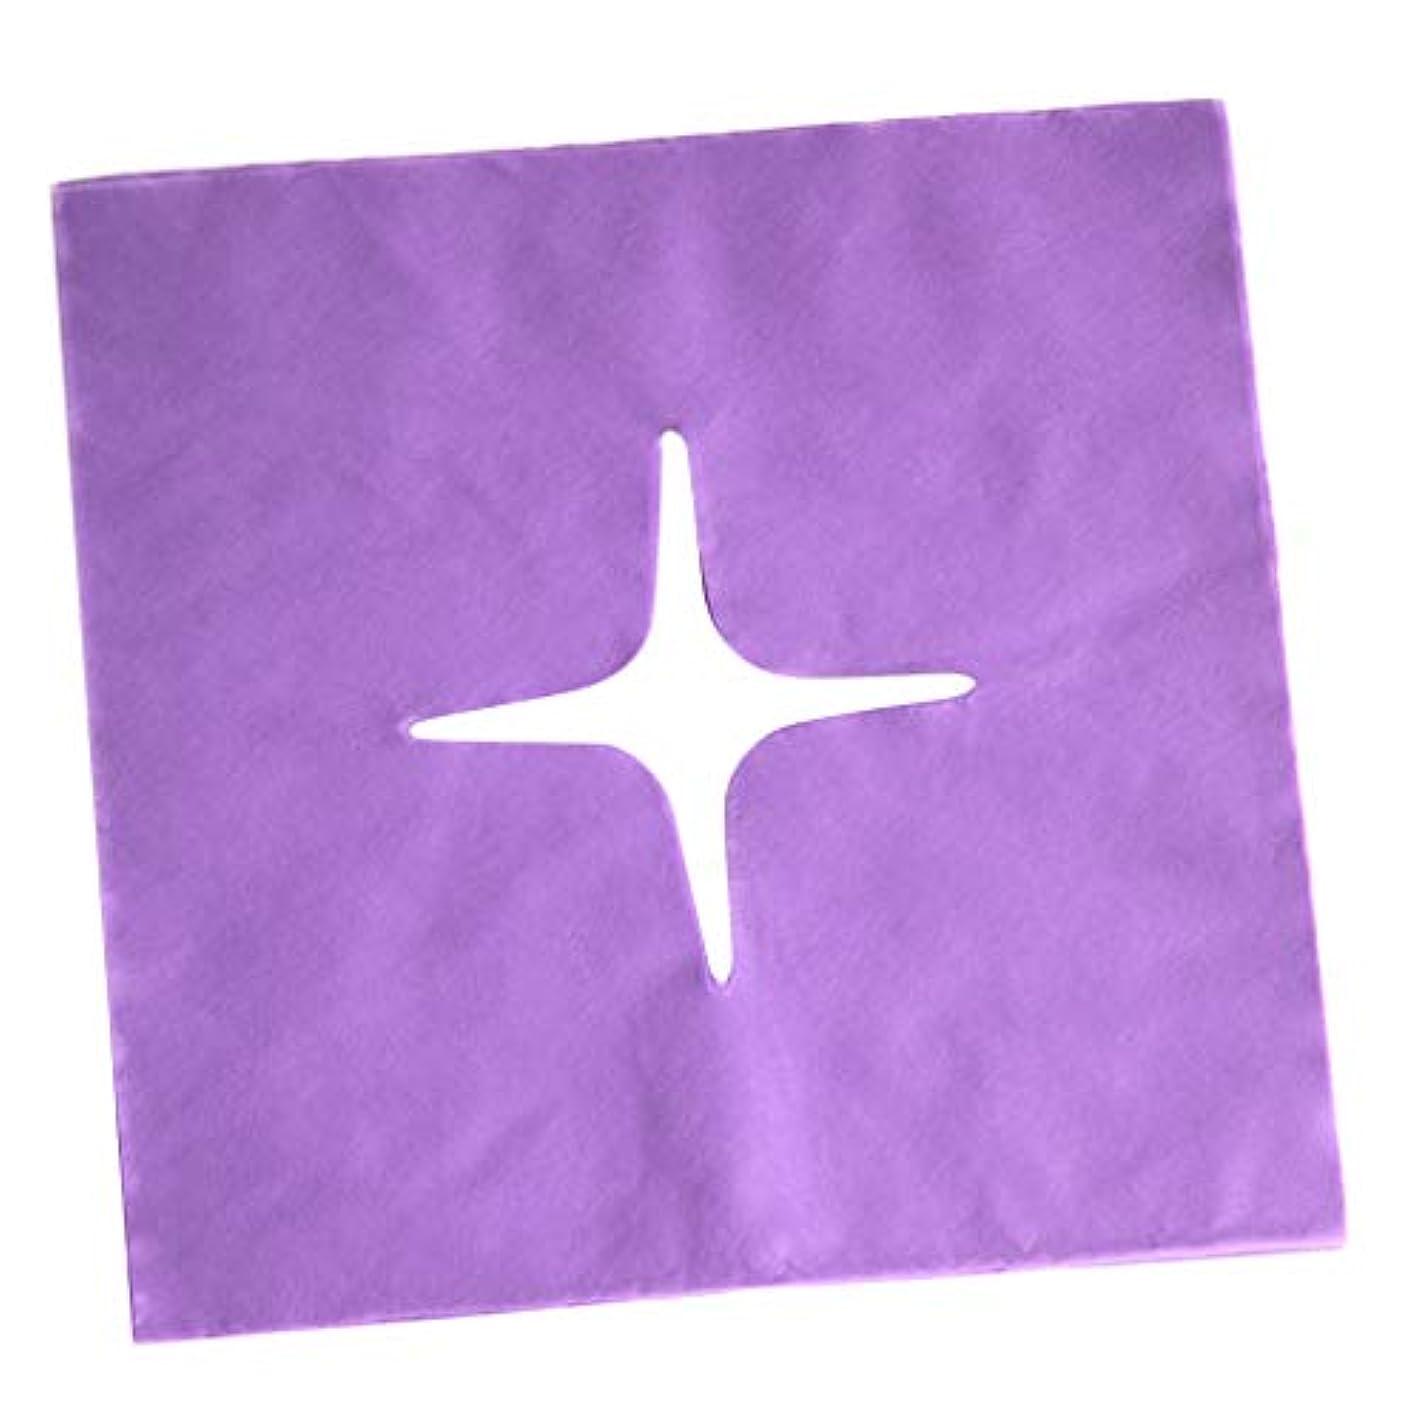 更新デンマーク語苦痛フェイスクレードルカバー マッサージフェイスカバー 使い捨て マッサージ用 美容院 サロン 全3色 - 紫の